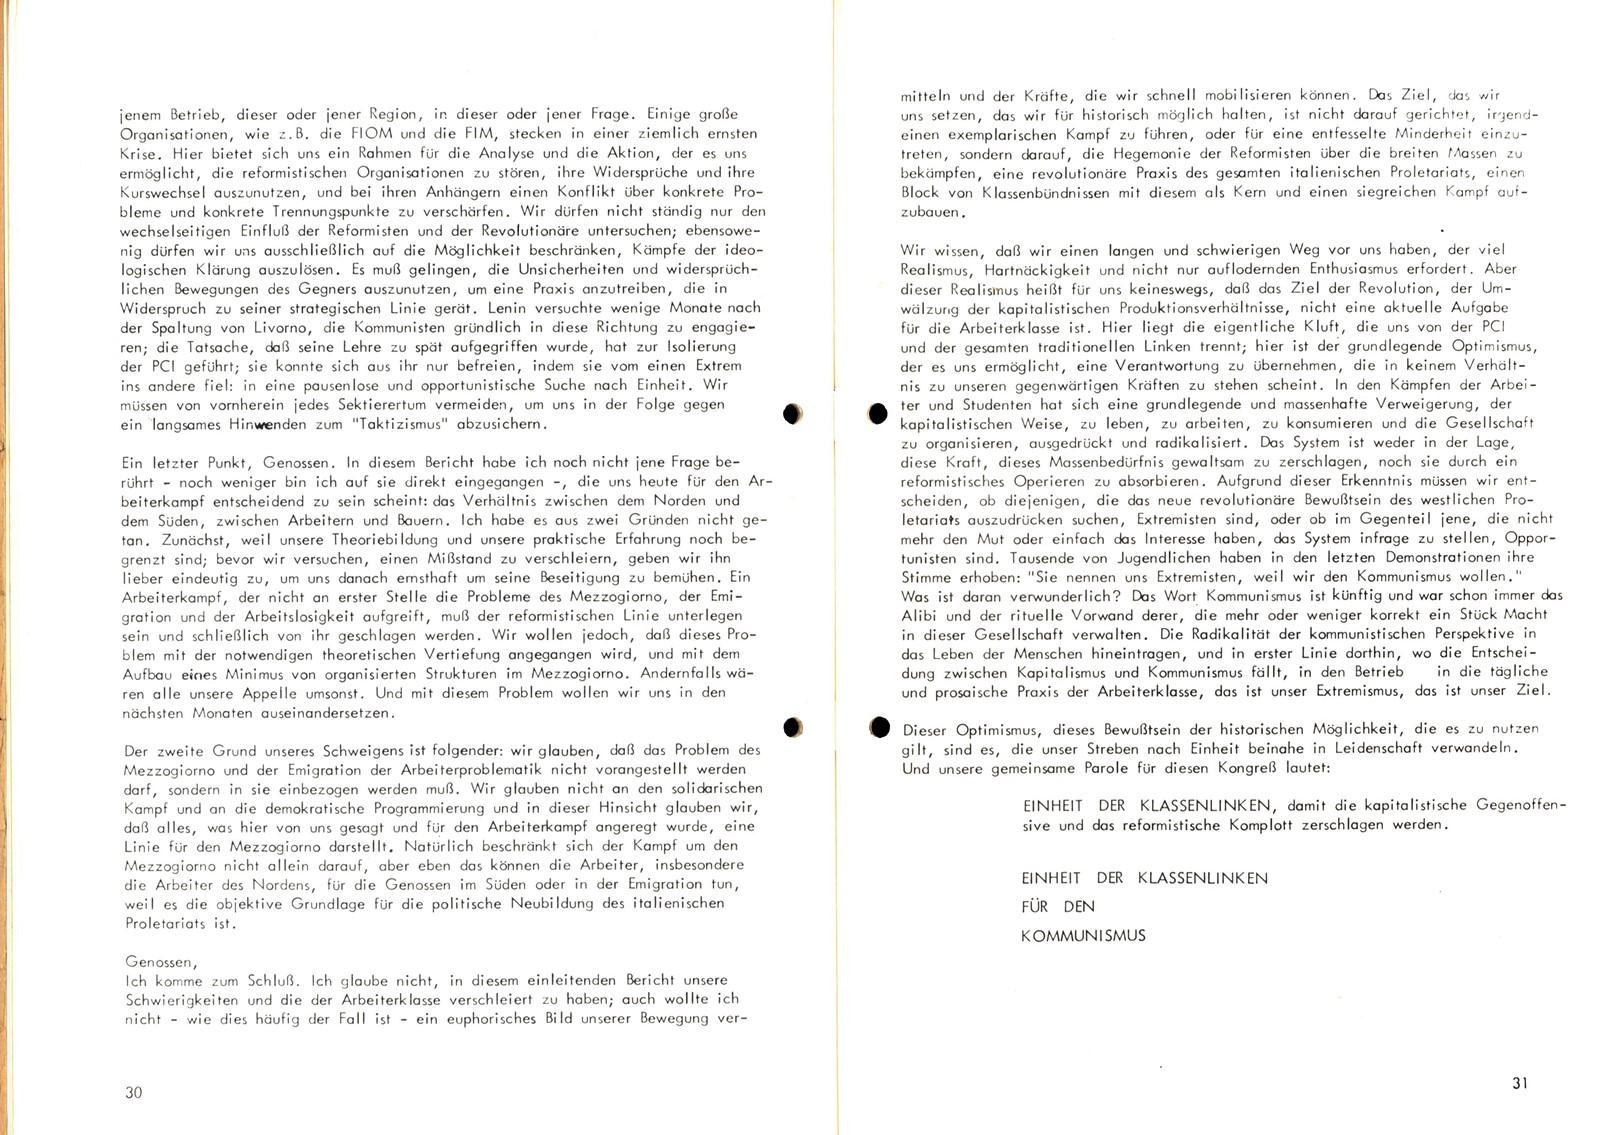 Manifesto_1971_Einheit_der_Klassenlinken_16